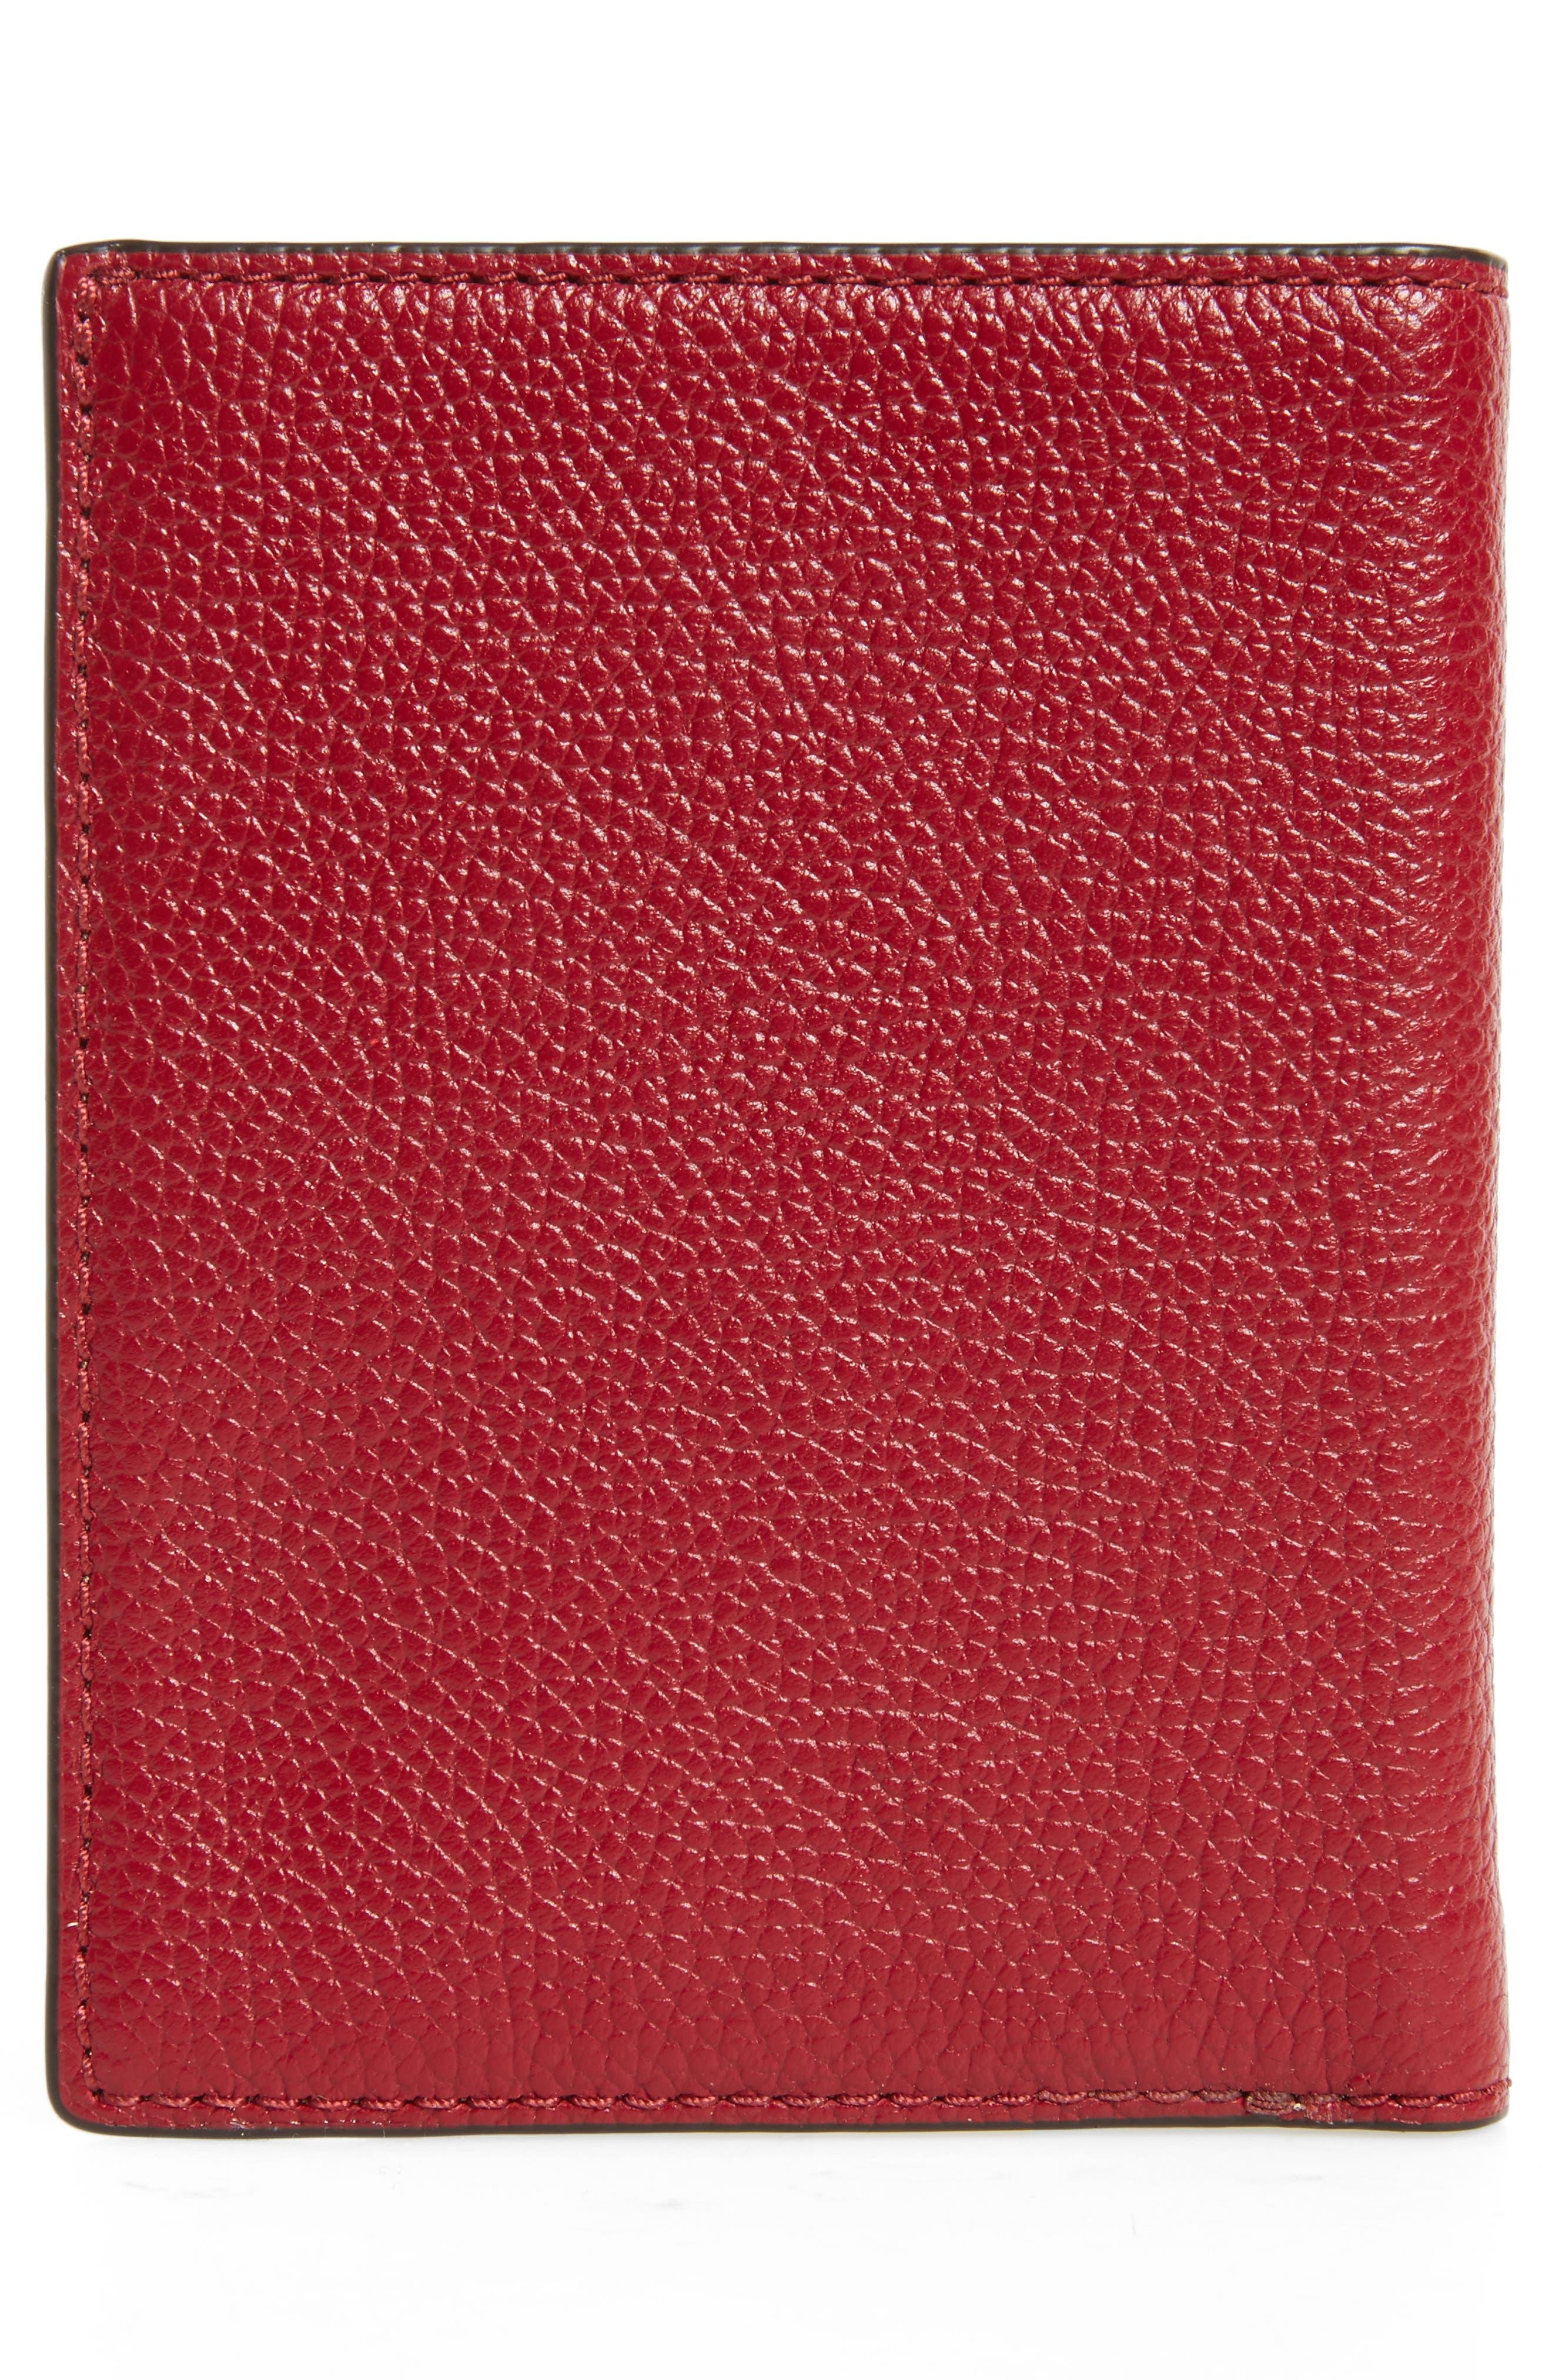 Mercer Passport Wallet,                             Alternate thumbnail 8, color,